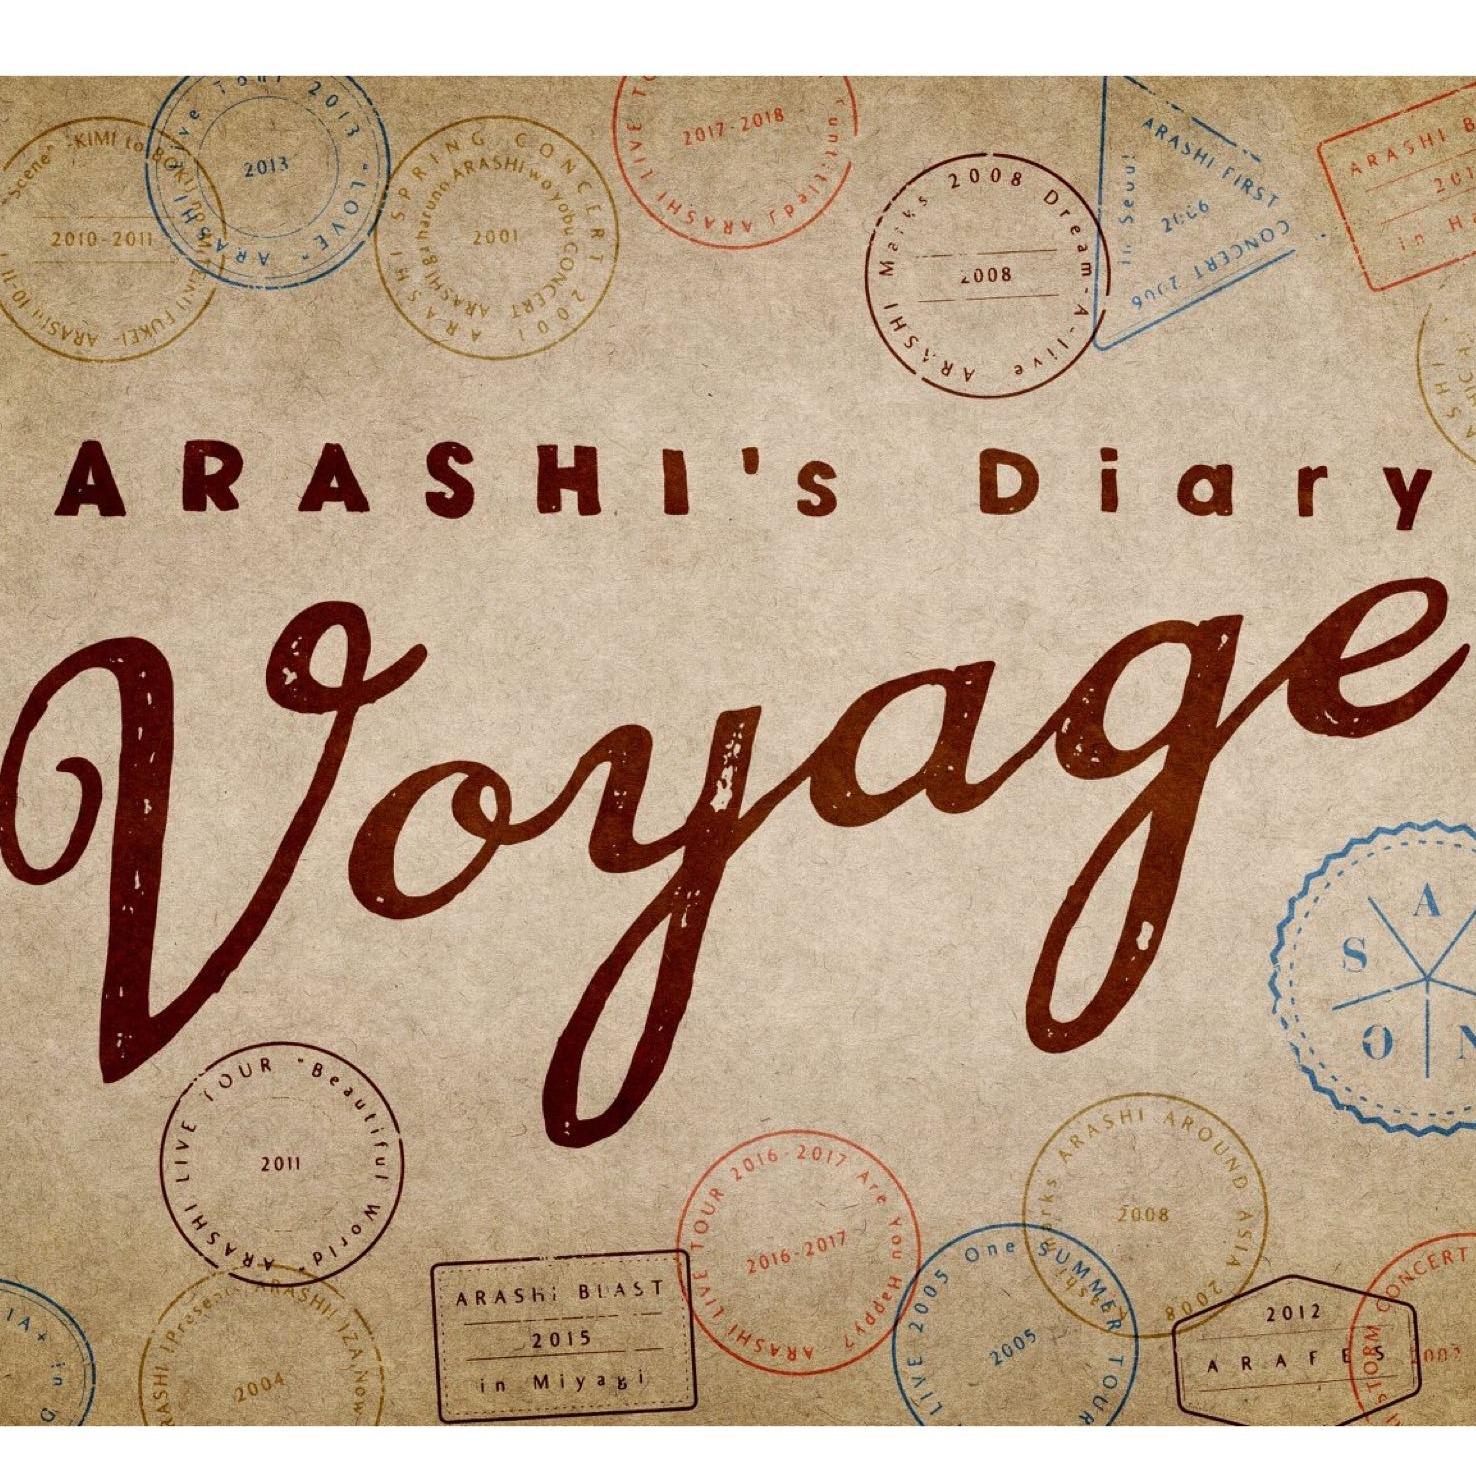 ARASHI's Diary -Voyage- on NETFLIX